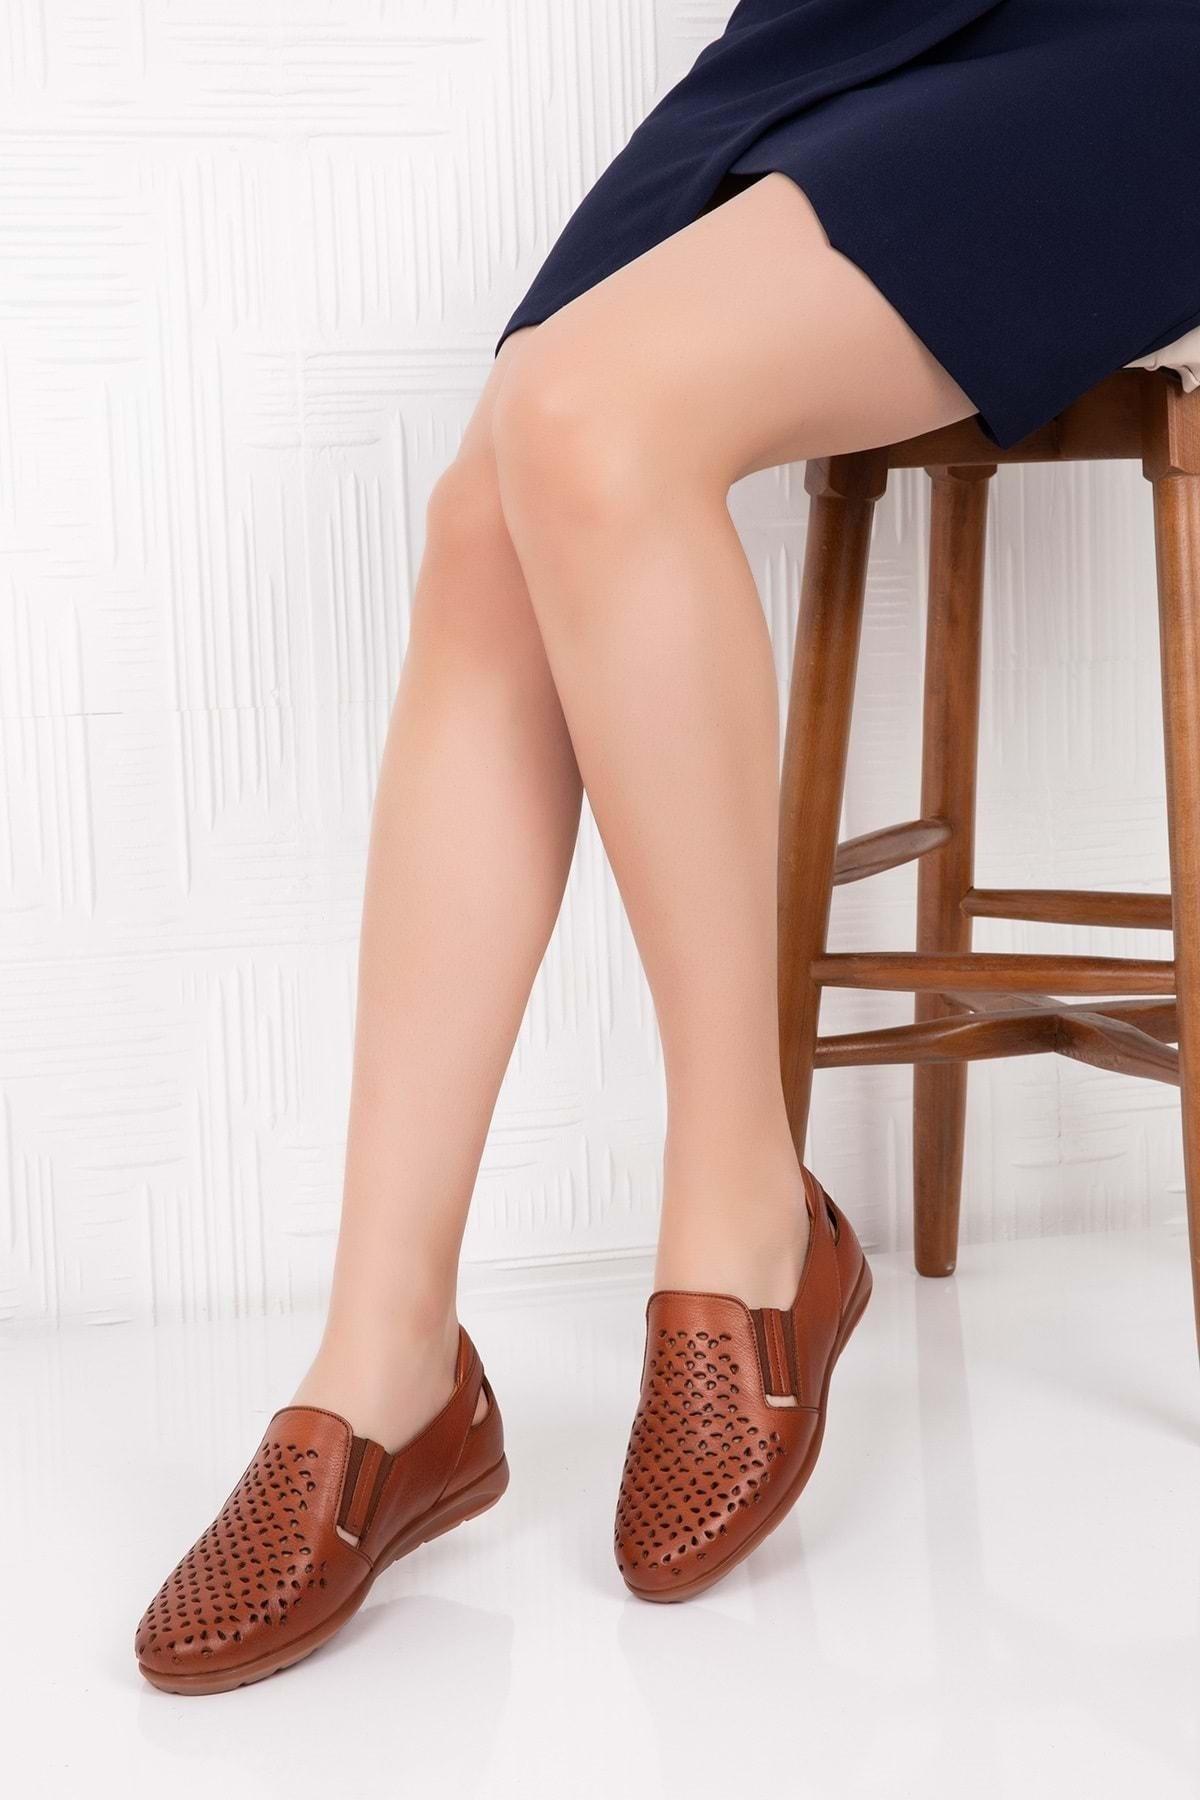 Gondol Hakiki Deri Ortopedik Taban Günlük Ayakkabı Taba 40 Esfa.152y 1